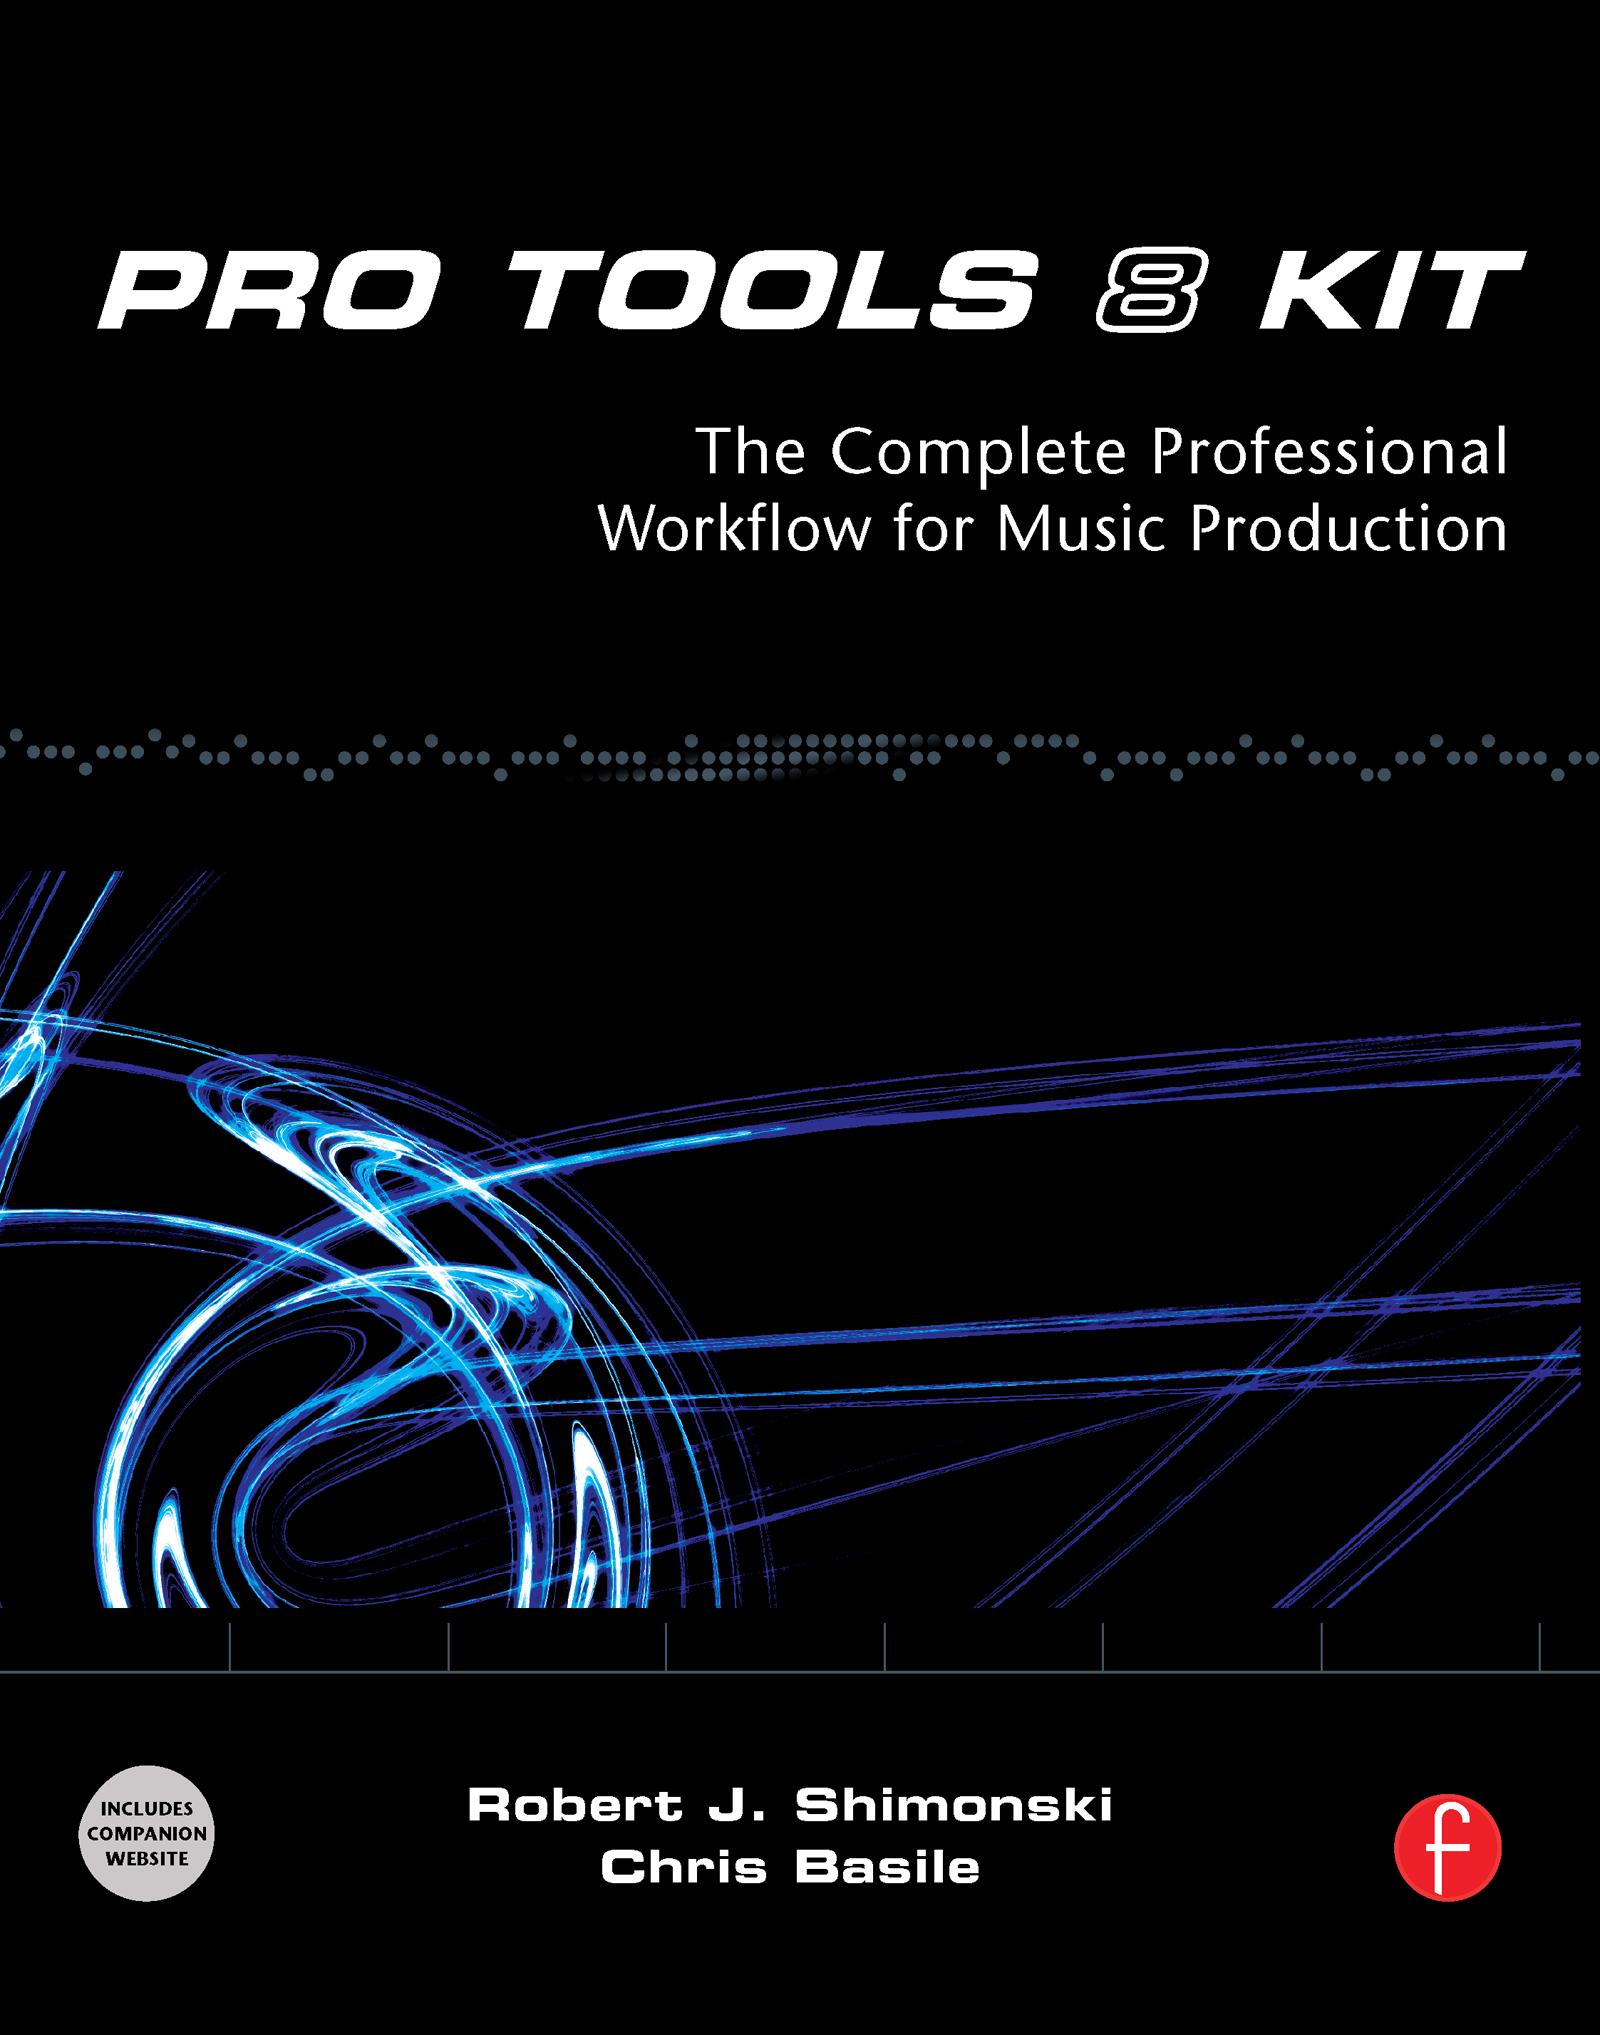 Pro Tools 8 Kit